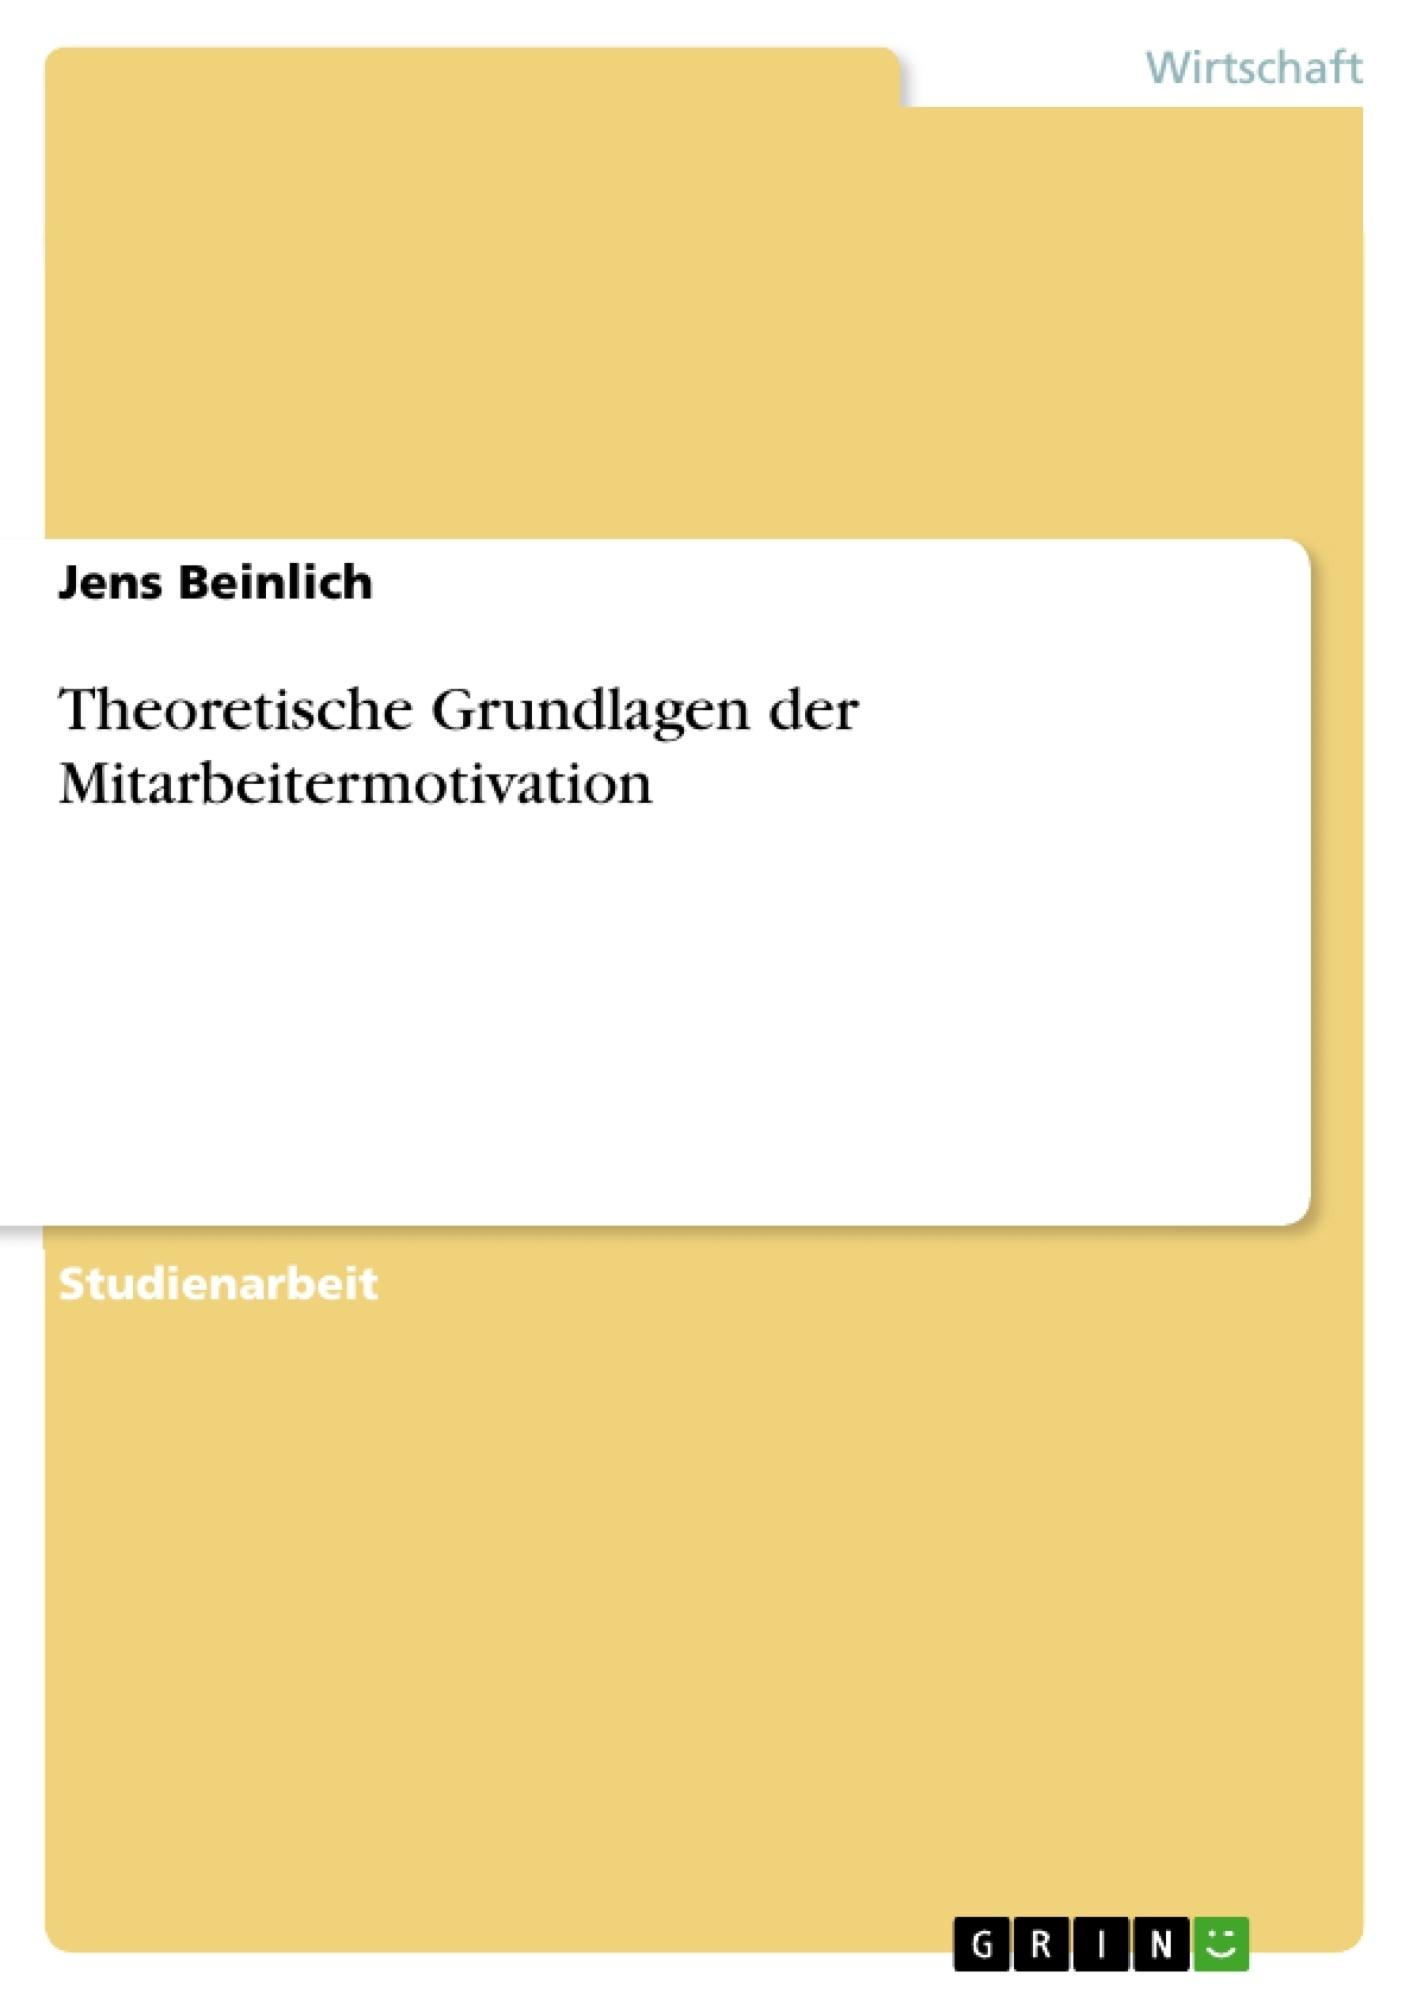 Titel: Theoretische Grundlagen der Mitarbeitermotivation